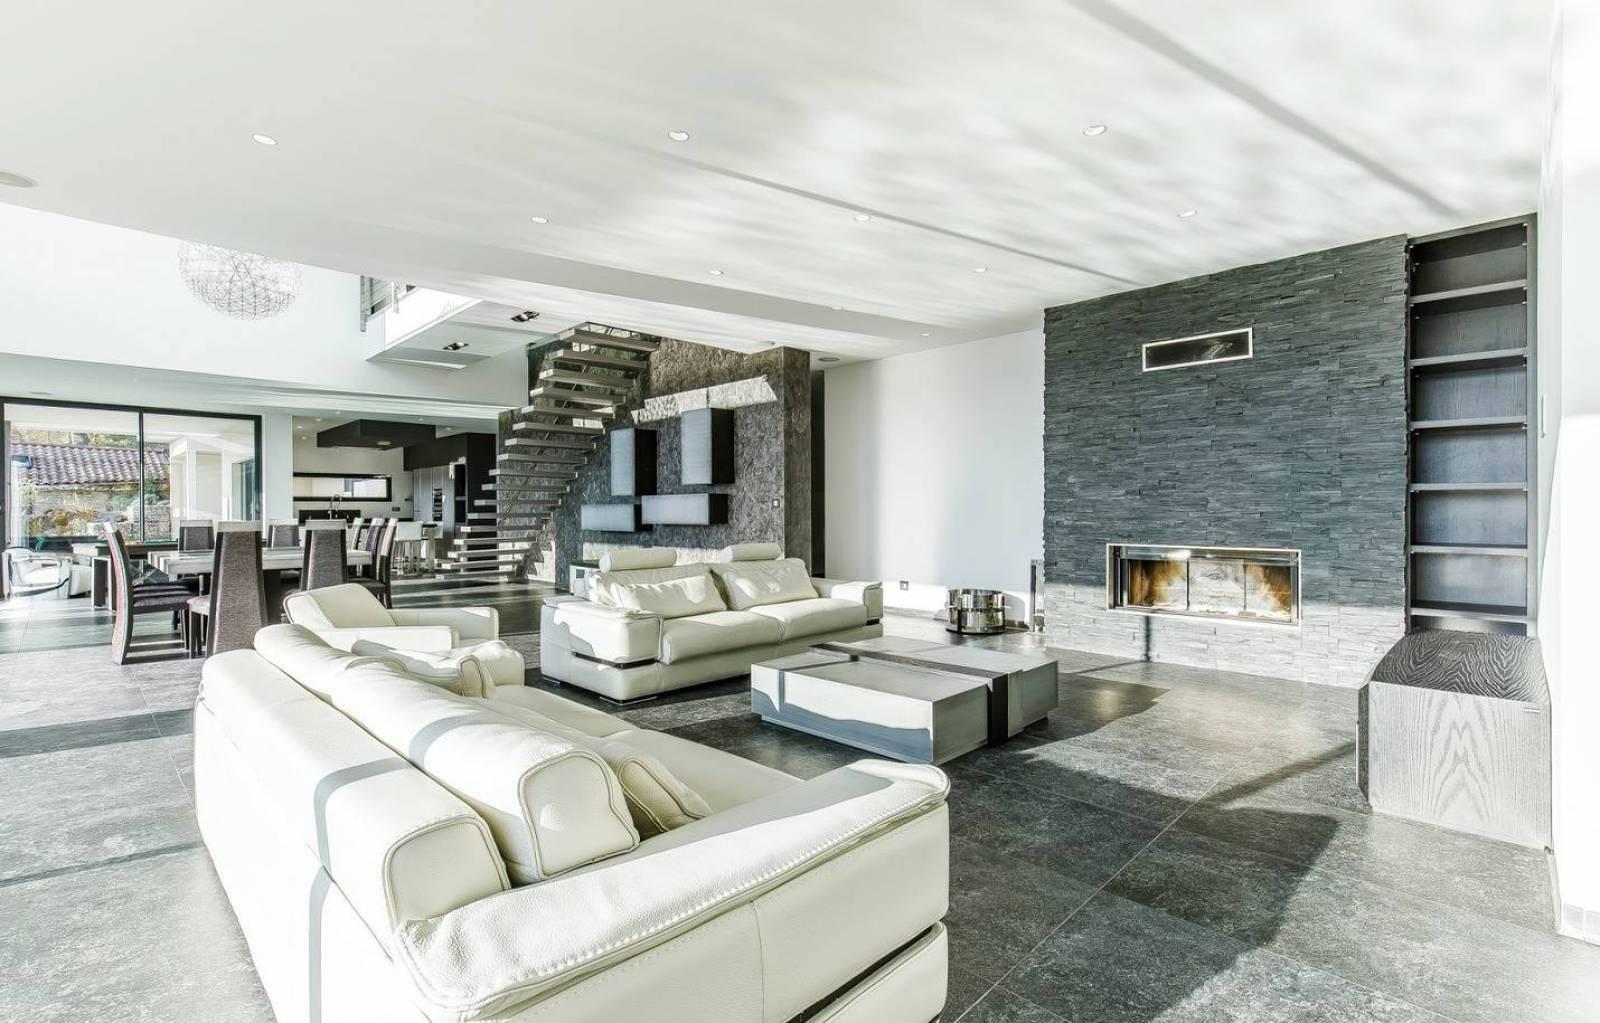 maison contemporaine cl en main avec tage et balcon en porte faux vienne construction et. Black Bedroom Furniture Sets. Home Design Ideas